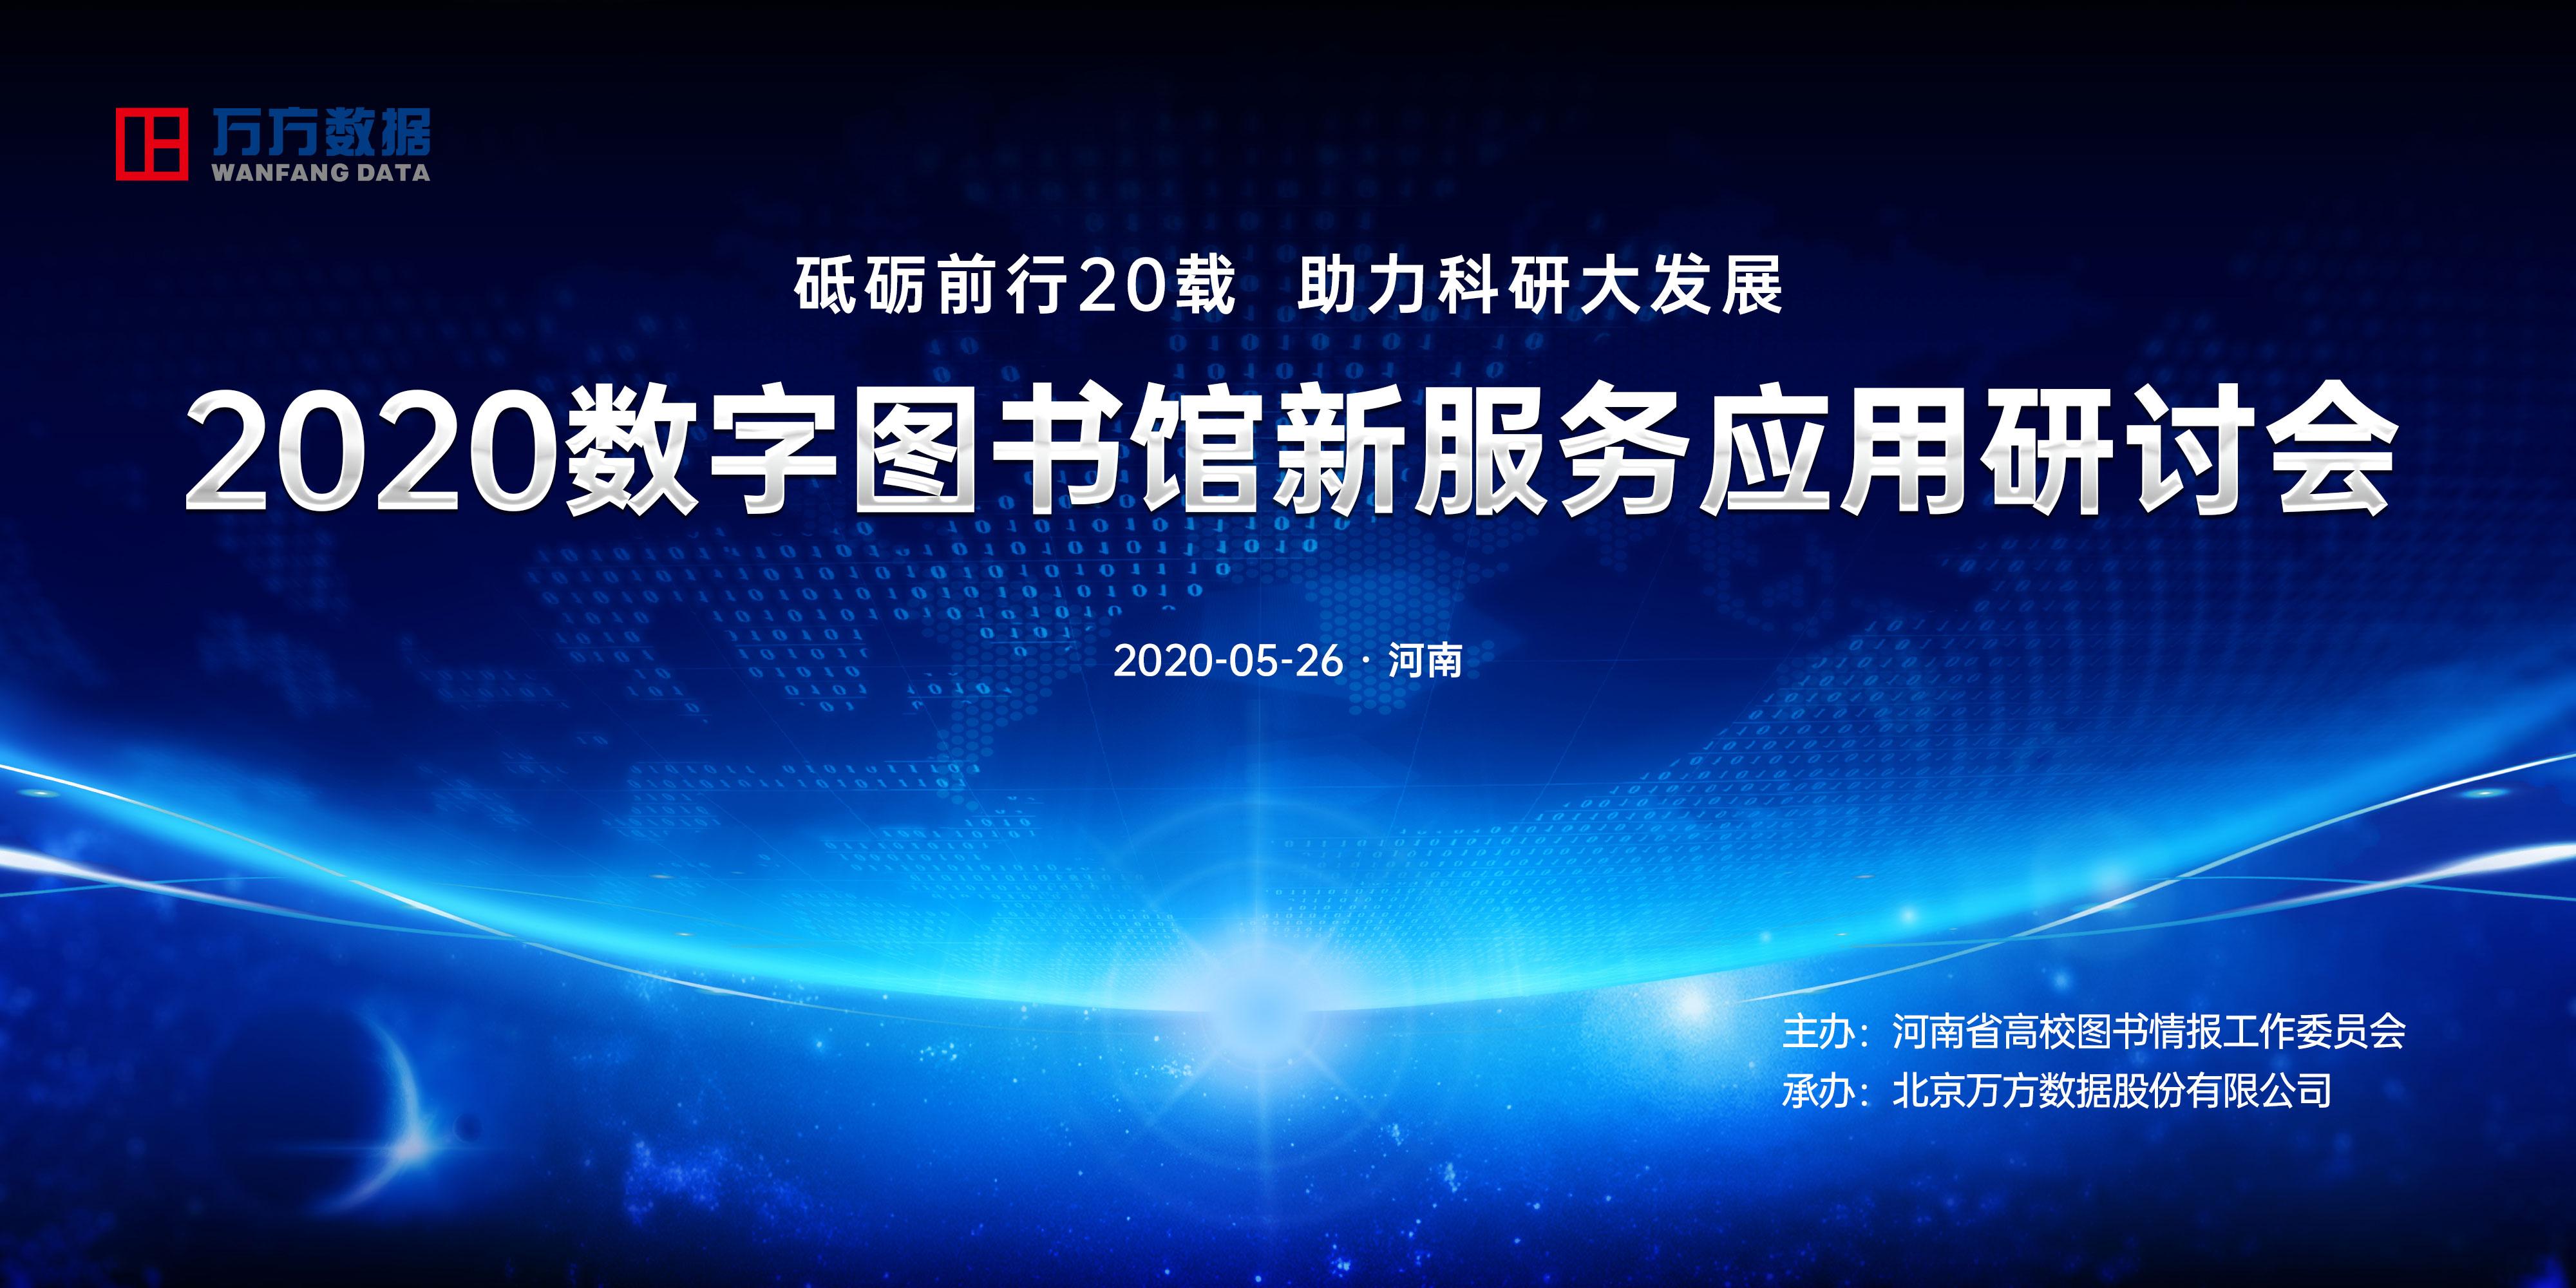 2020数图新服务研讨班河南站直播课顺利开讲